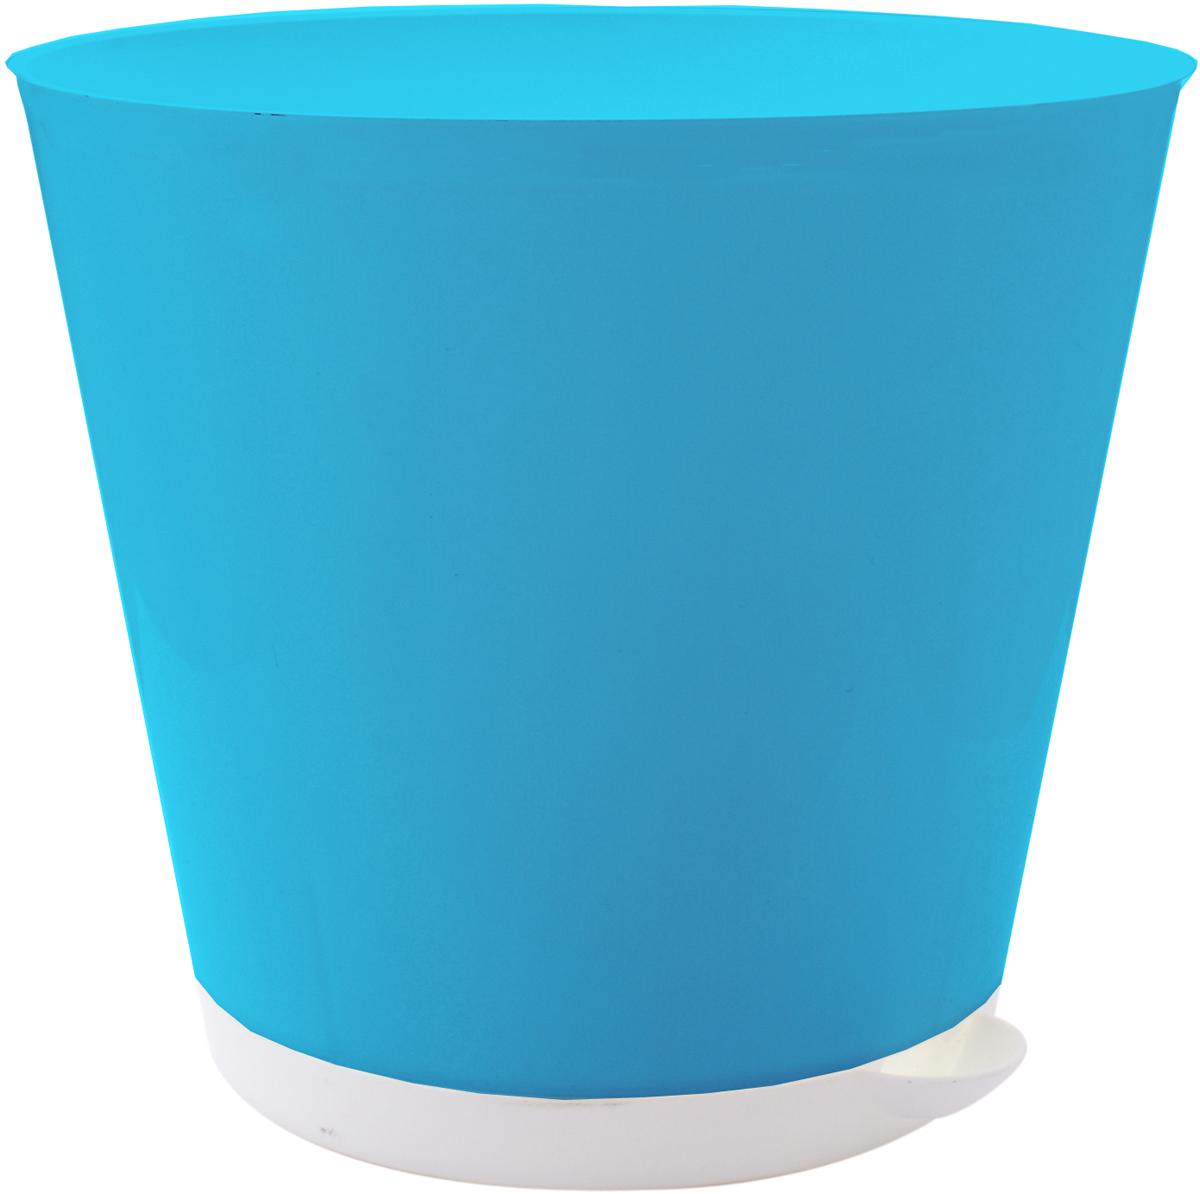 Горшок для цветов InGreen Крит, с системой прикорневого полива, цвет: светло-синий, белый, диаметр 20 смING46020СВСН-12РSГоршок InGreen Крит, выполненный из высококачественного полипропилена (пластика), предназначен для выращивания комнатных цветов, растений и трав. Специальная конструкция обеспечивает вентиляцию в корневой системе растения, а дренажные отверстия позволяют выходить лишней влаге из почвы. Крепежные отверстия и штыри прочно крепят подставку к горшку. Прикорневой полив растения осуществляется через удобный носик. Система прикорневого полива позволяет оставлять комнатное растение без внимания тем, кто часто находится в командировках или собирается в отпуск и не имеет возможности вовремя поливать цветы. Такой горшок порадует вас современным дизайном и функциональностью, а также оригинально украсит интерьер любого помещения. Диаметр горшка (по верхнему краю): 20 см. Высота горшка: 18,2 см.